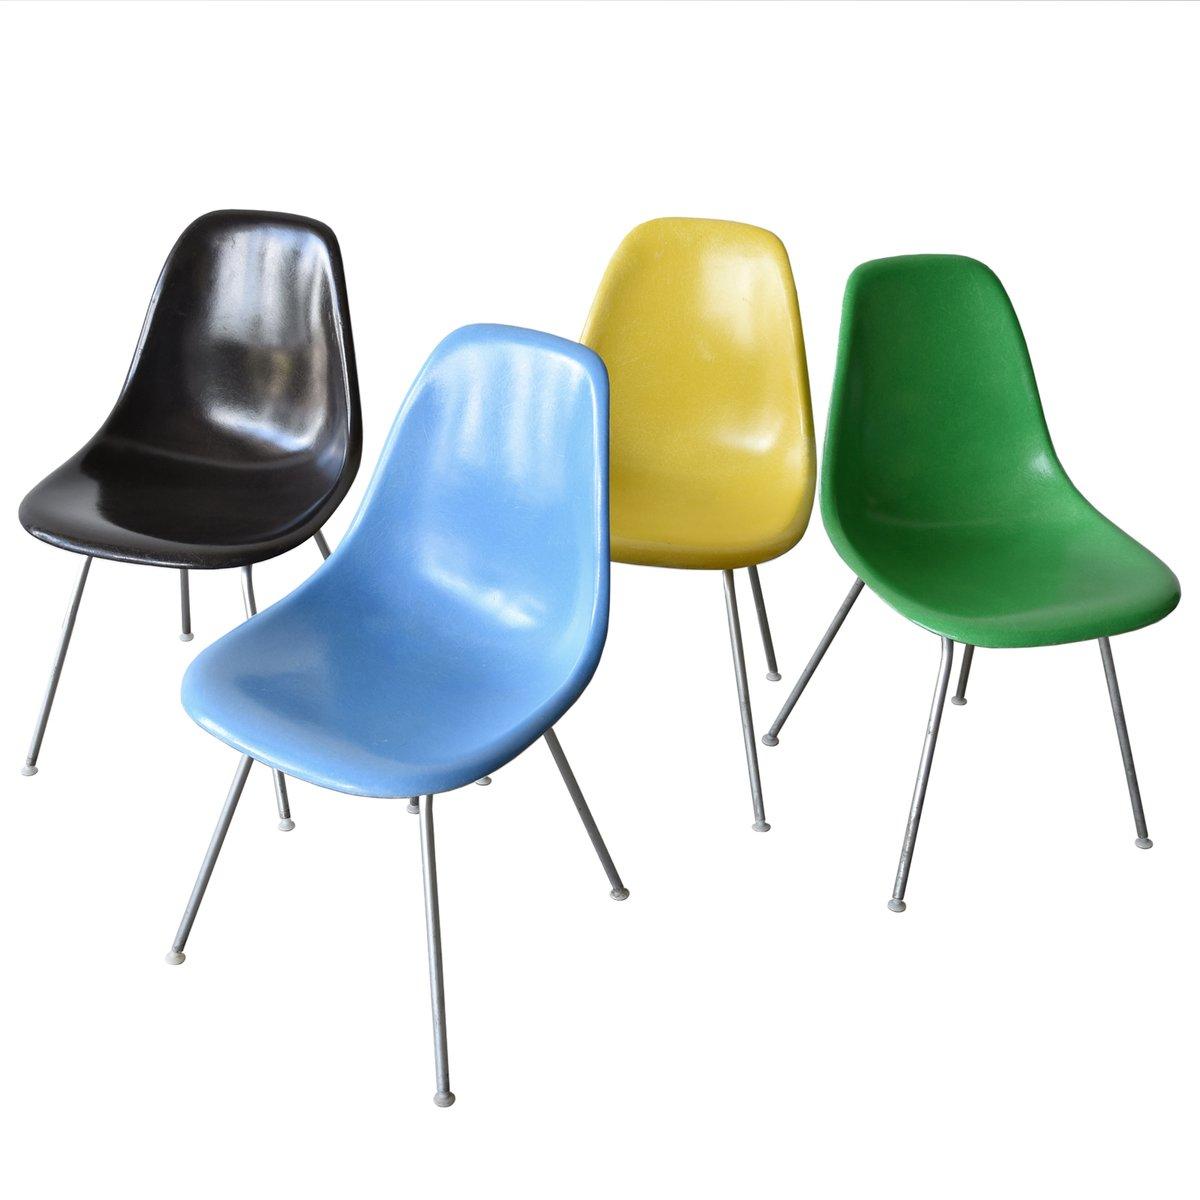 chaise vintage dsx par charles ray eames pour herman miller set de 4 en vente sur pamono. Black Bedroom Furniture Sets. Home Design Ideas